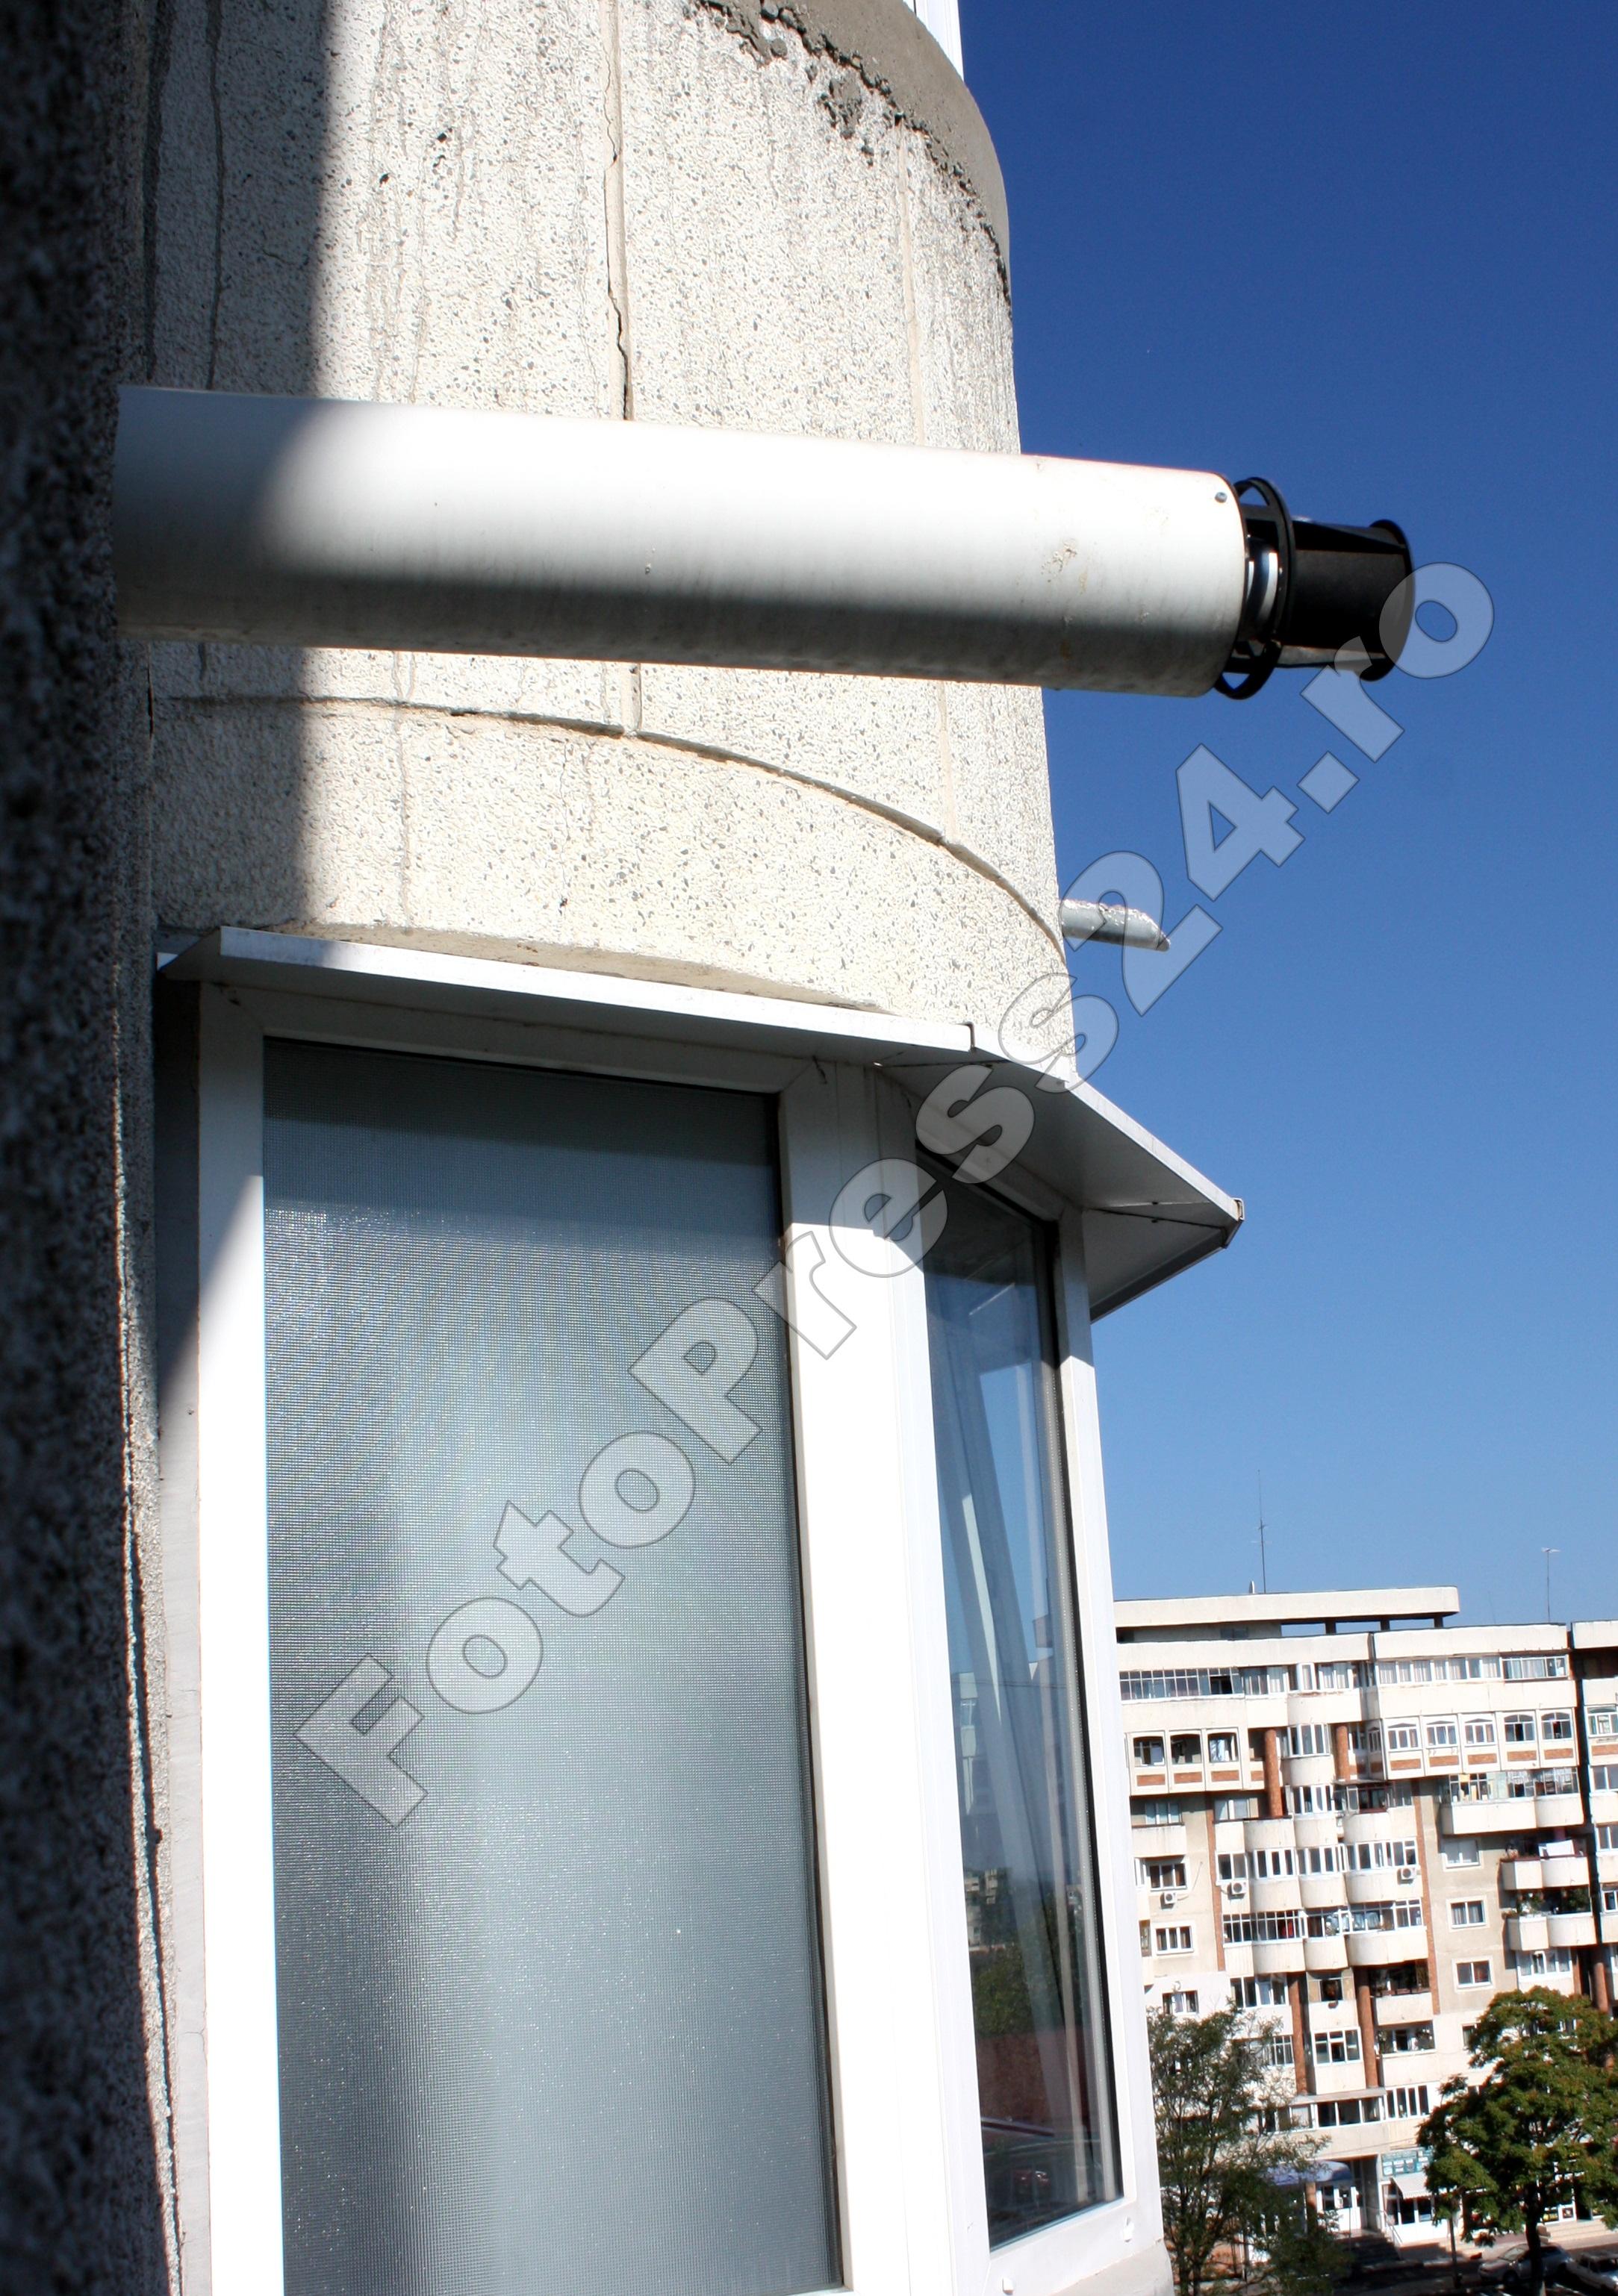 centrala termica-FotoPress24.ro-Mihai Neacsu